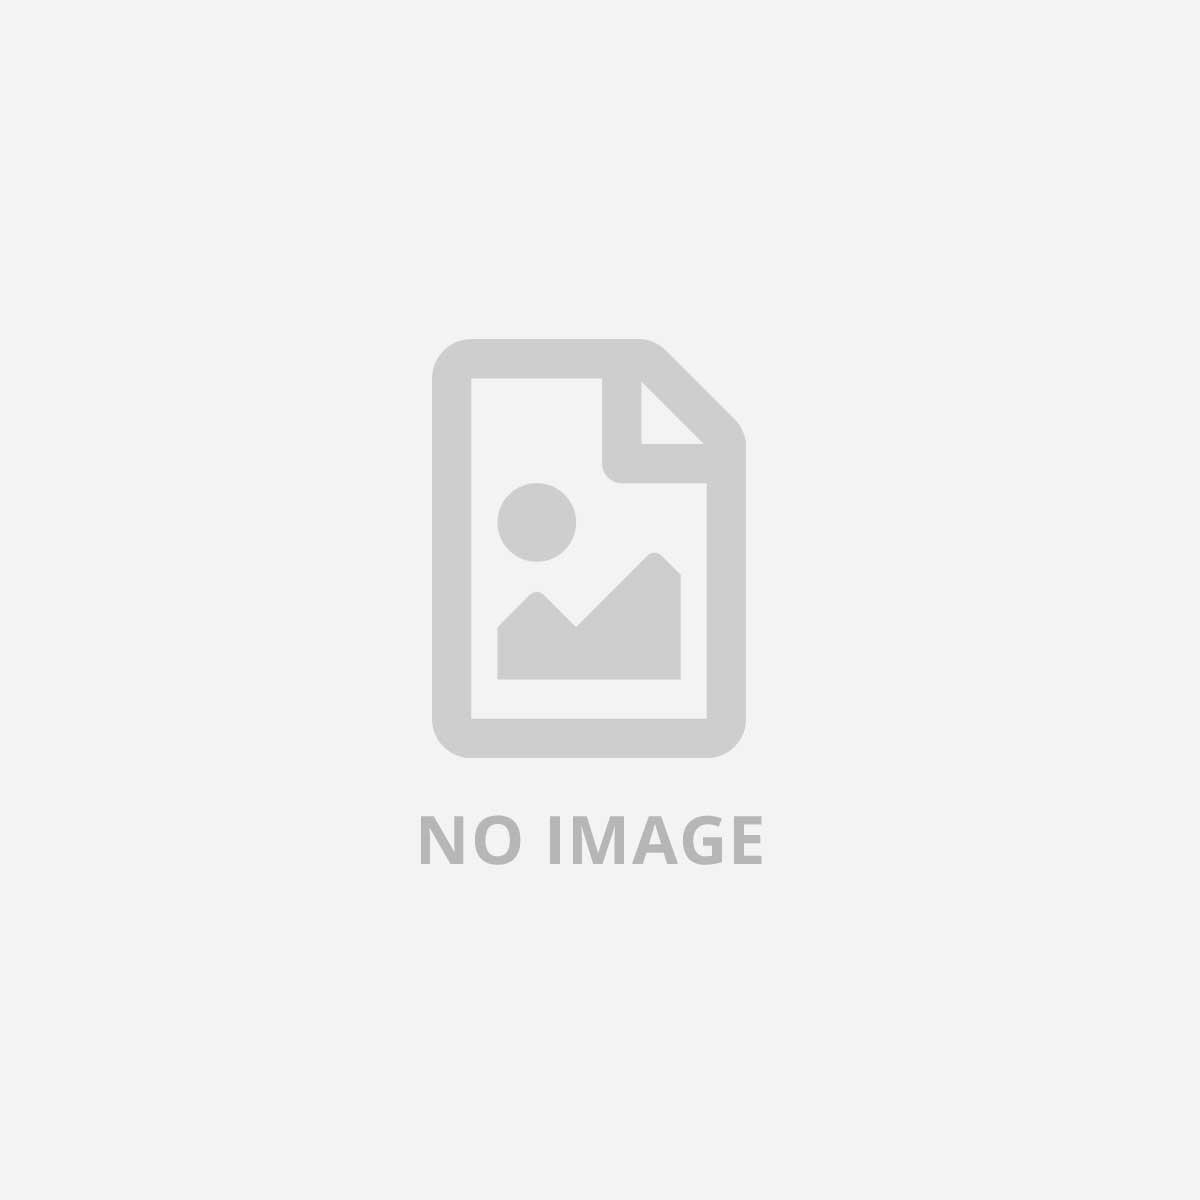 DELL T640 / S-4210R/ 16GB / 480GB